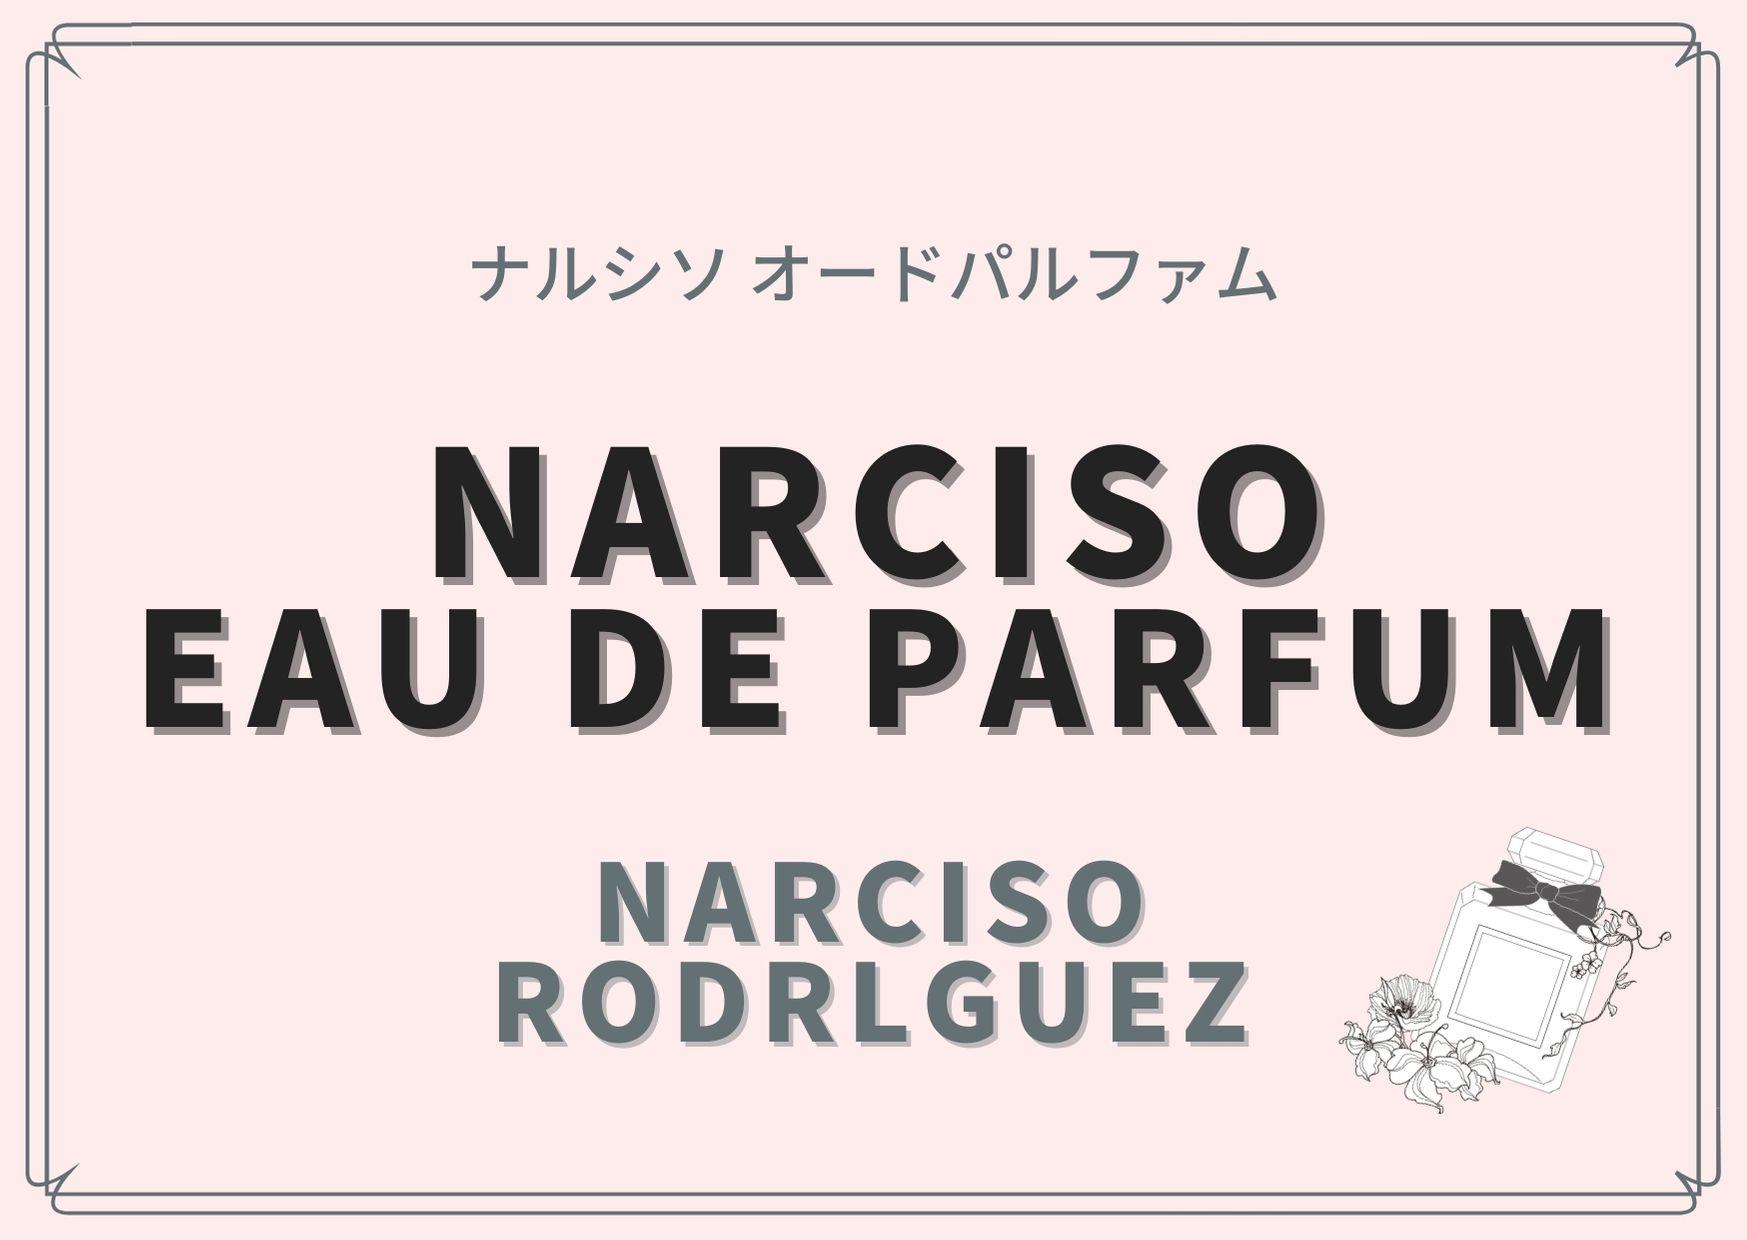 NARCISO Eau de Parfum (ナルシソ オードパルファム)/ Narciso Rodrlguez(ナルシソ ロドリゲス)